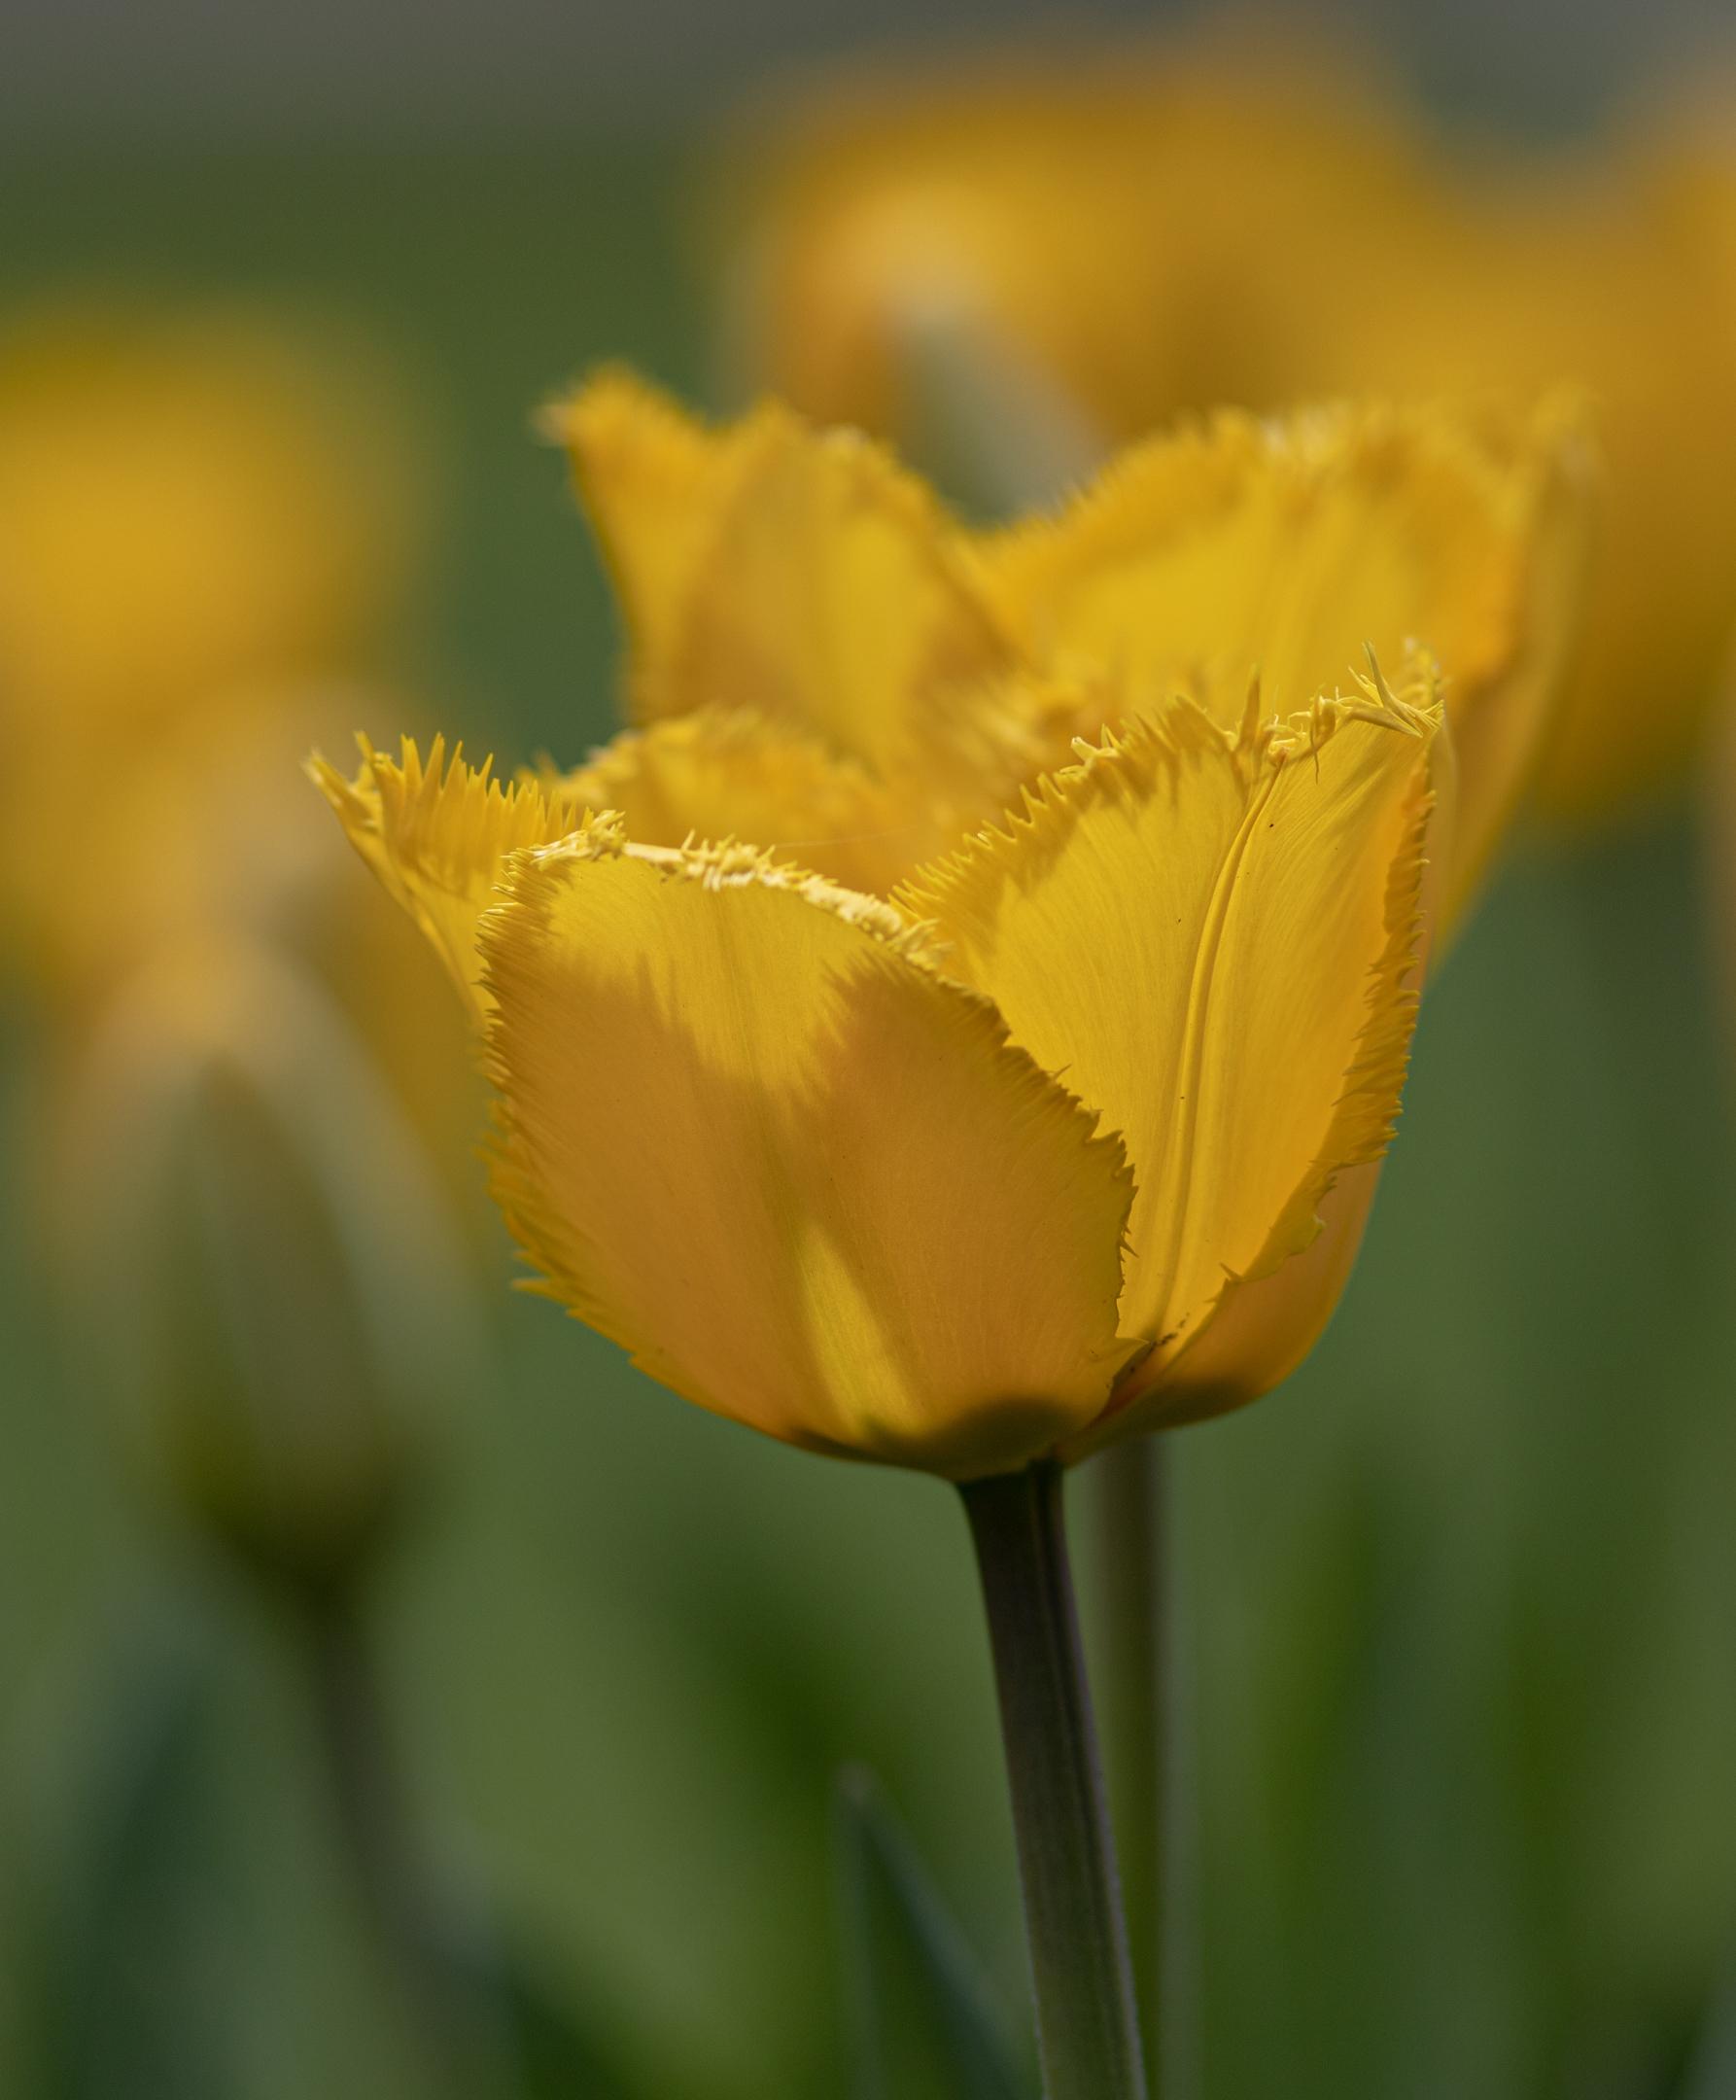 Giocare con Yellow.Tulips nel parco....